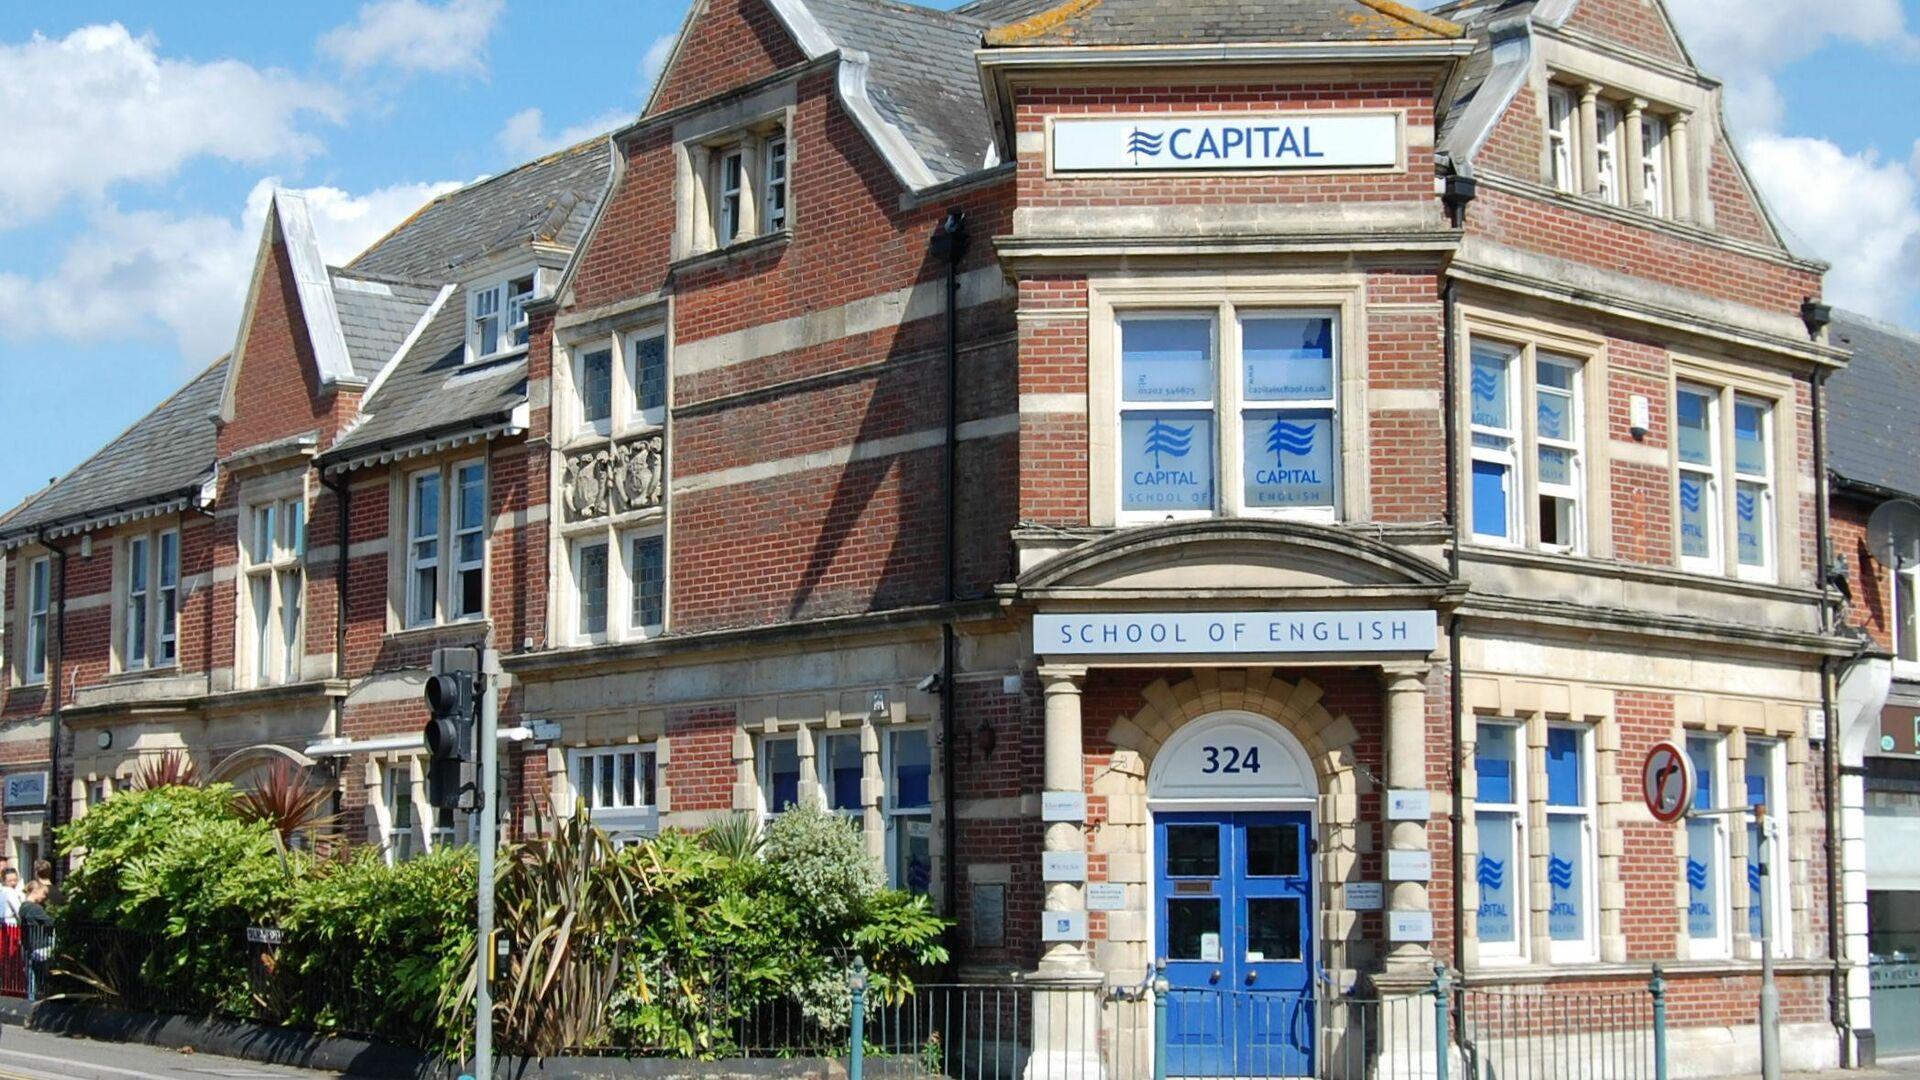 Séjour linguistique Angleterre, Bournemouth - Capital School of English - École